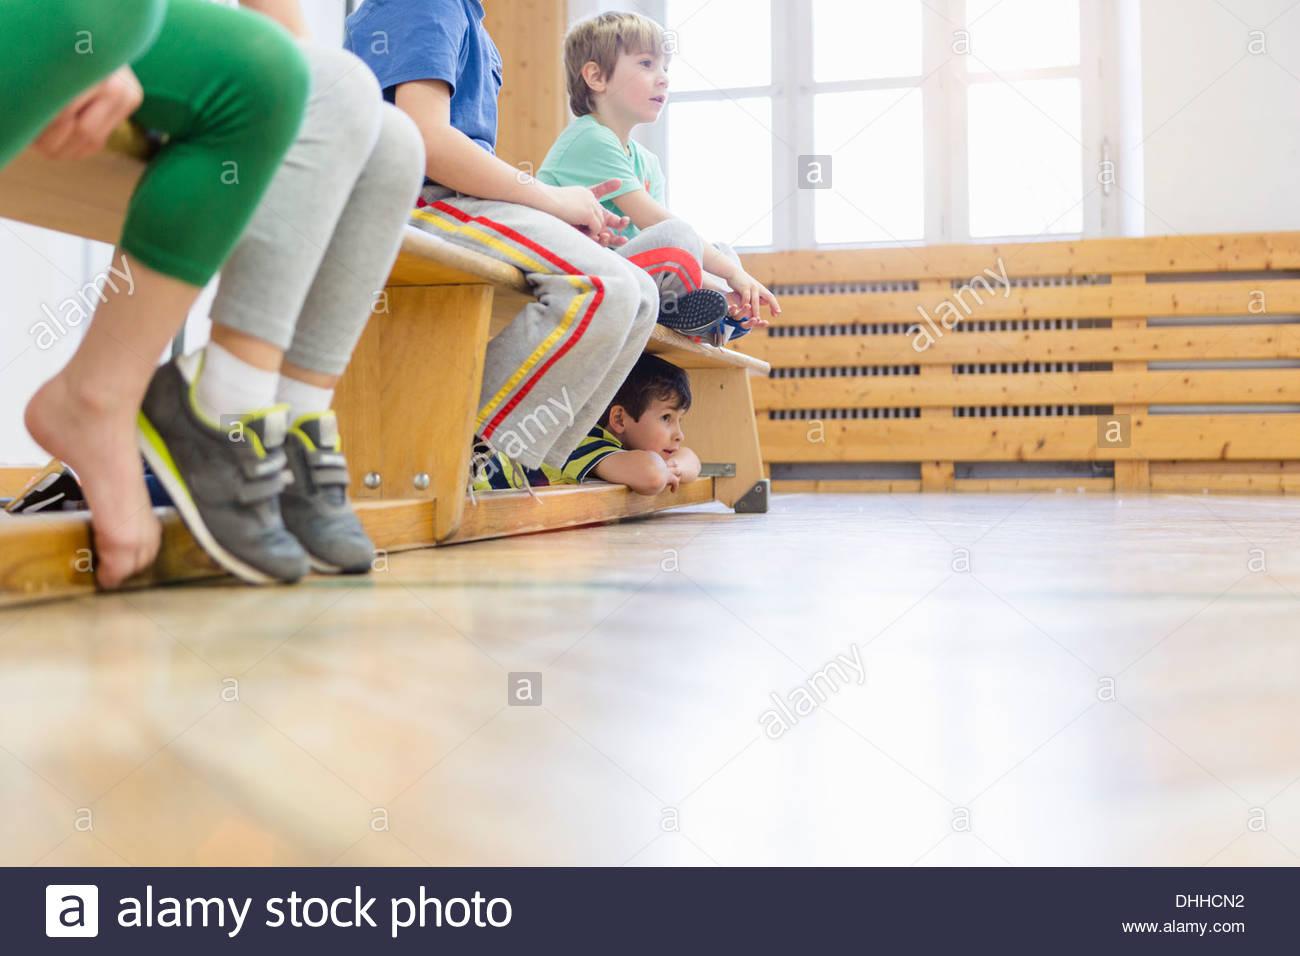 Kinder sitzen auf Bank in Aula, ein Junge unter Stockbild